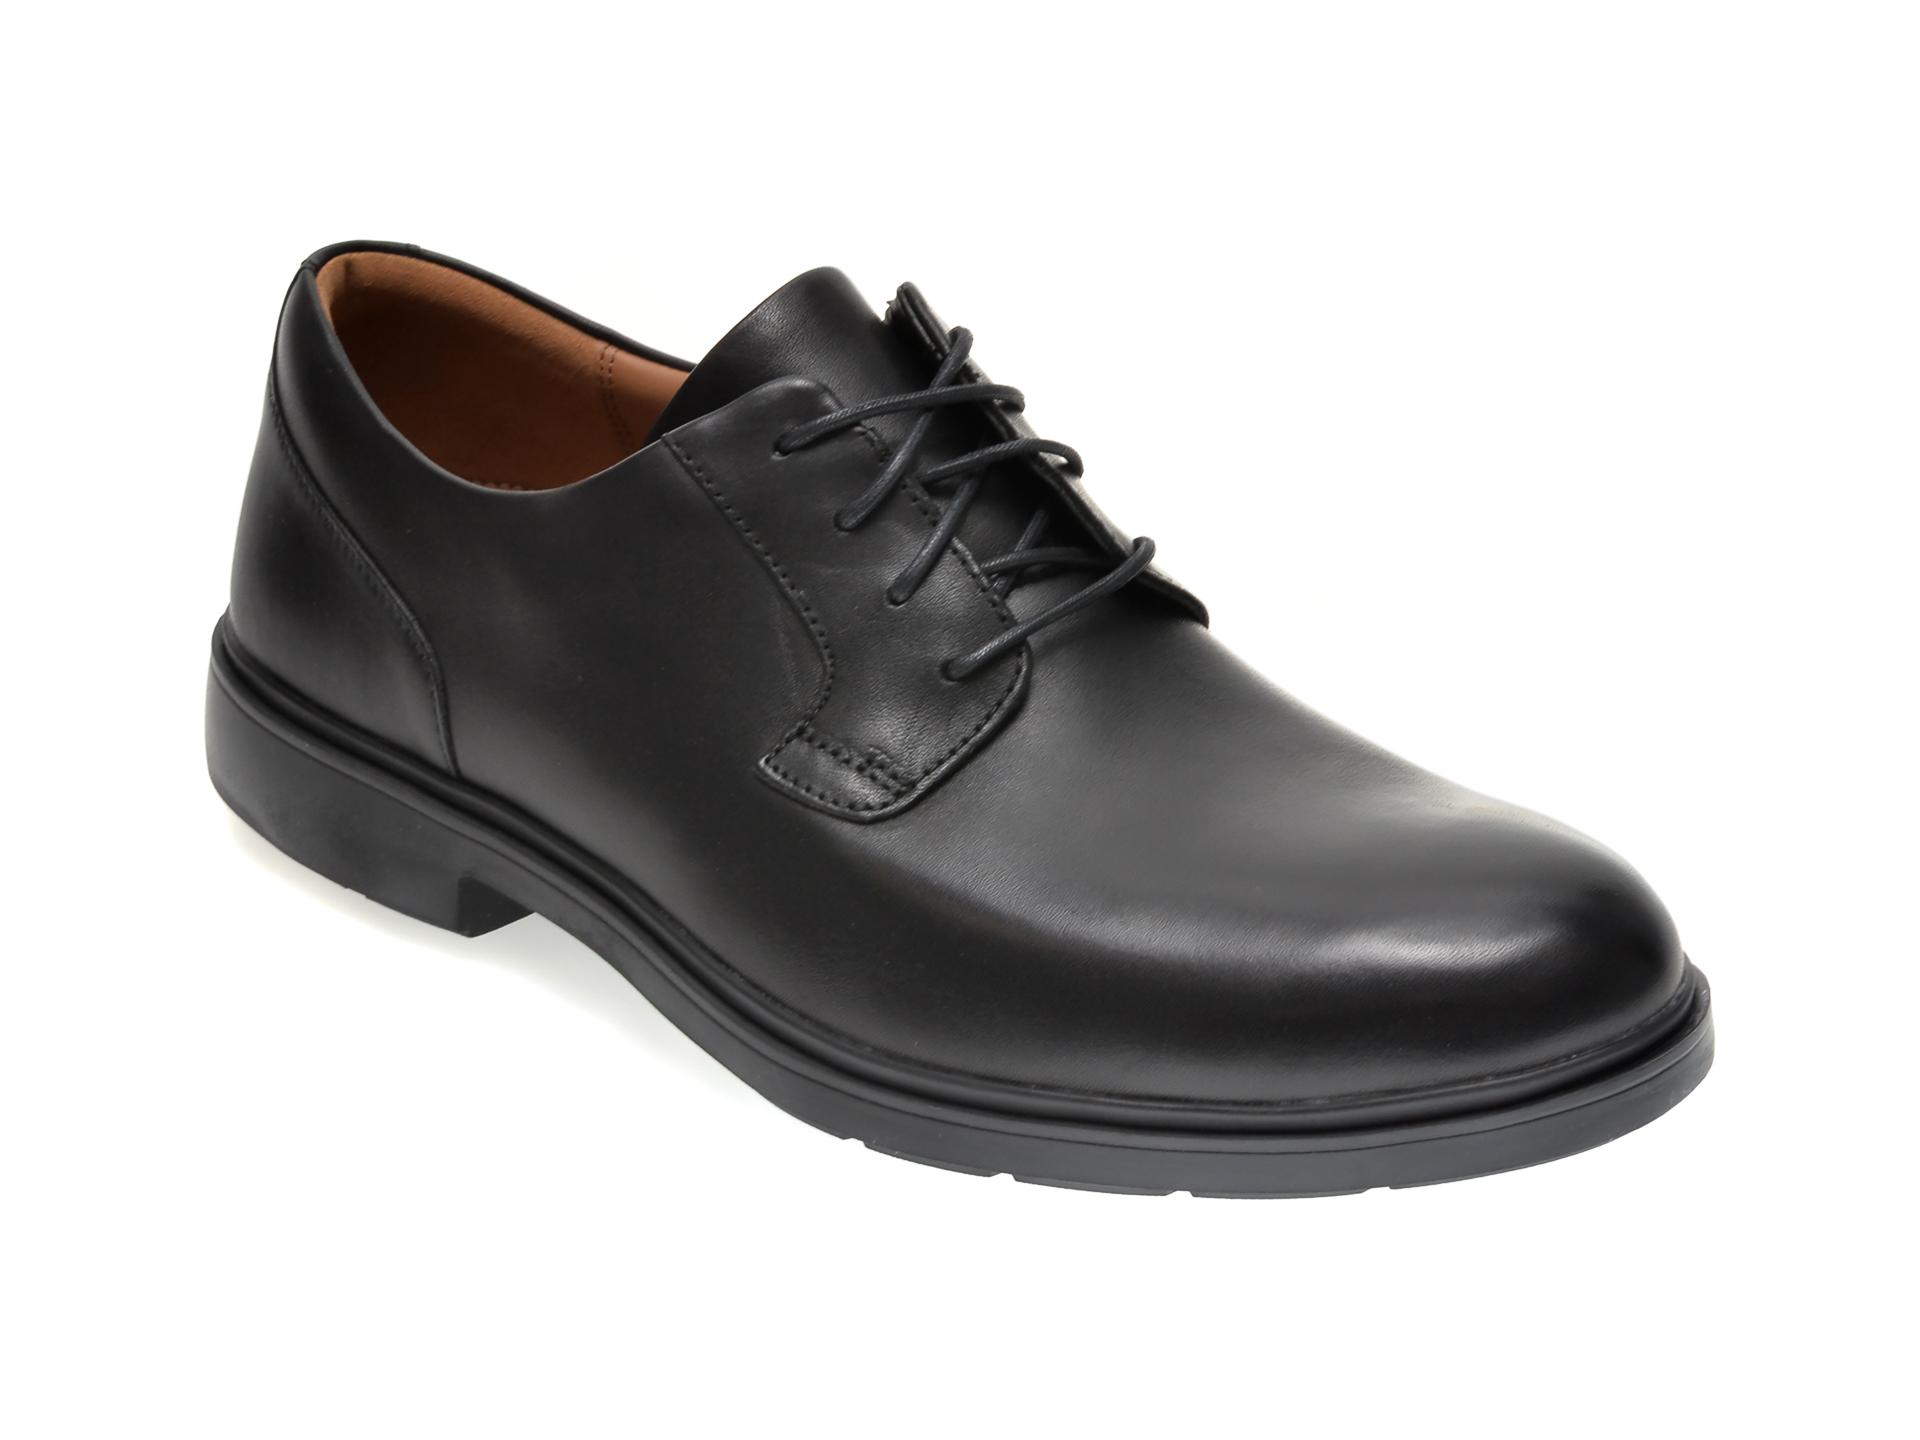 Pantofi CLARKS negri, UN TAILOR TIE, din piele naturala imagine